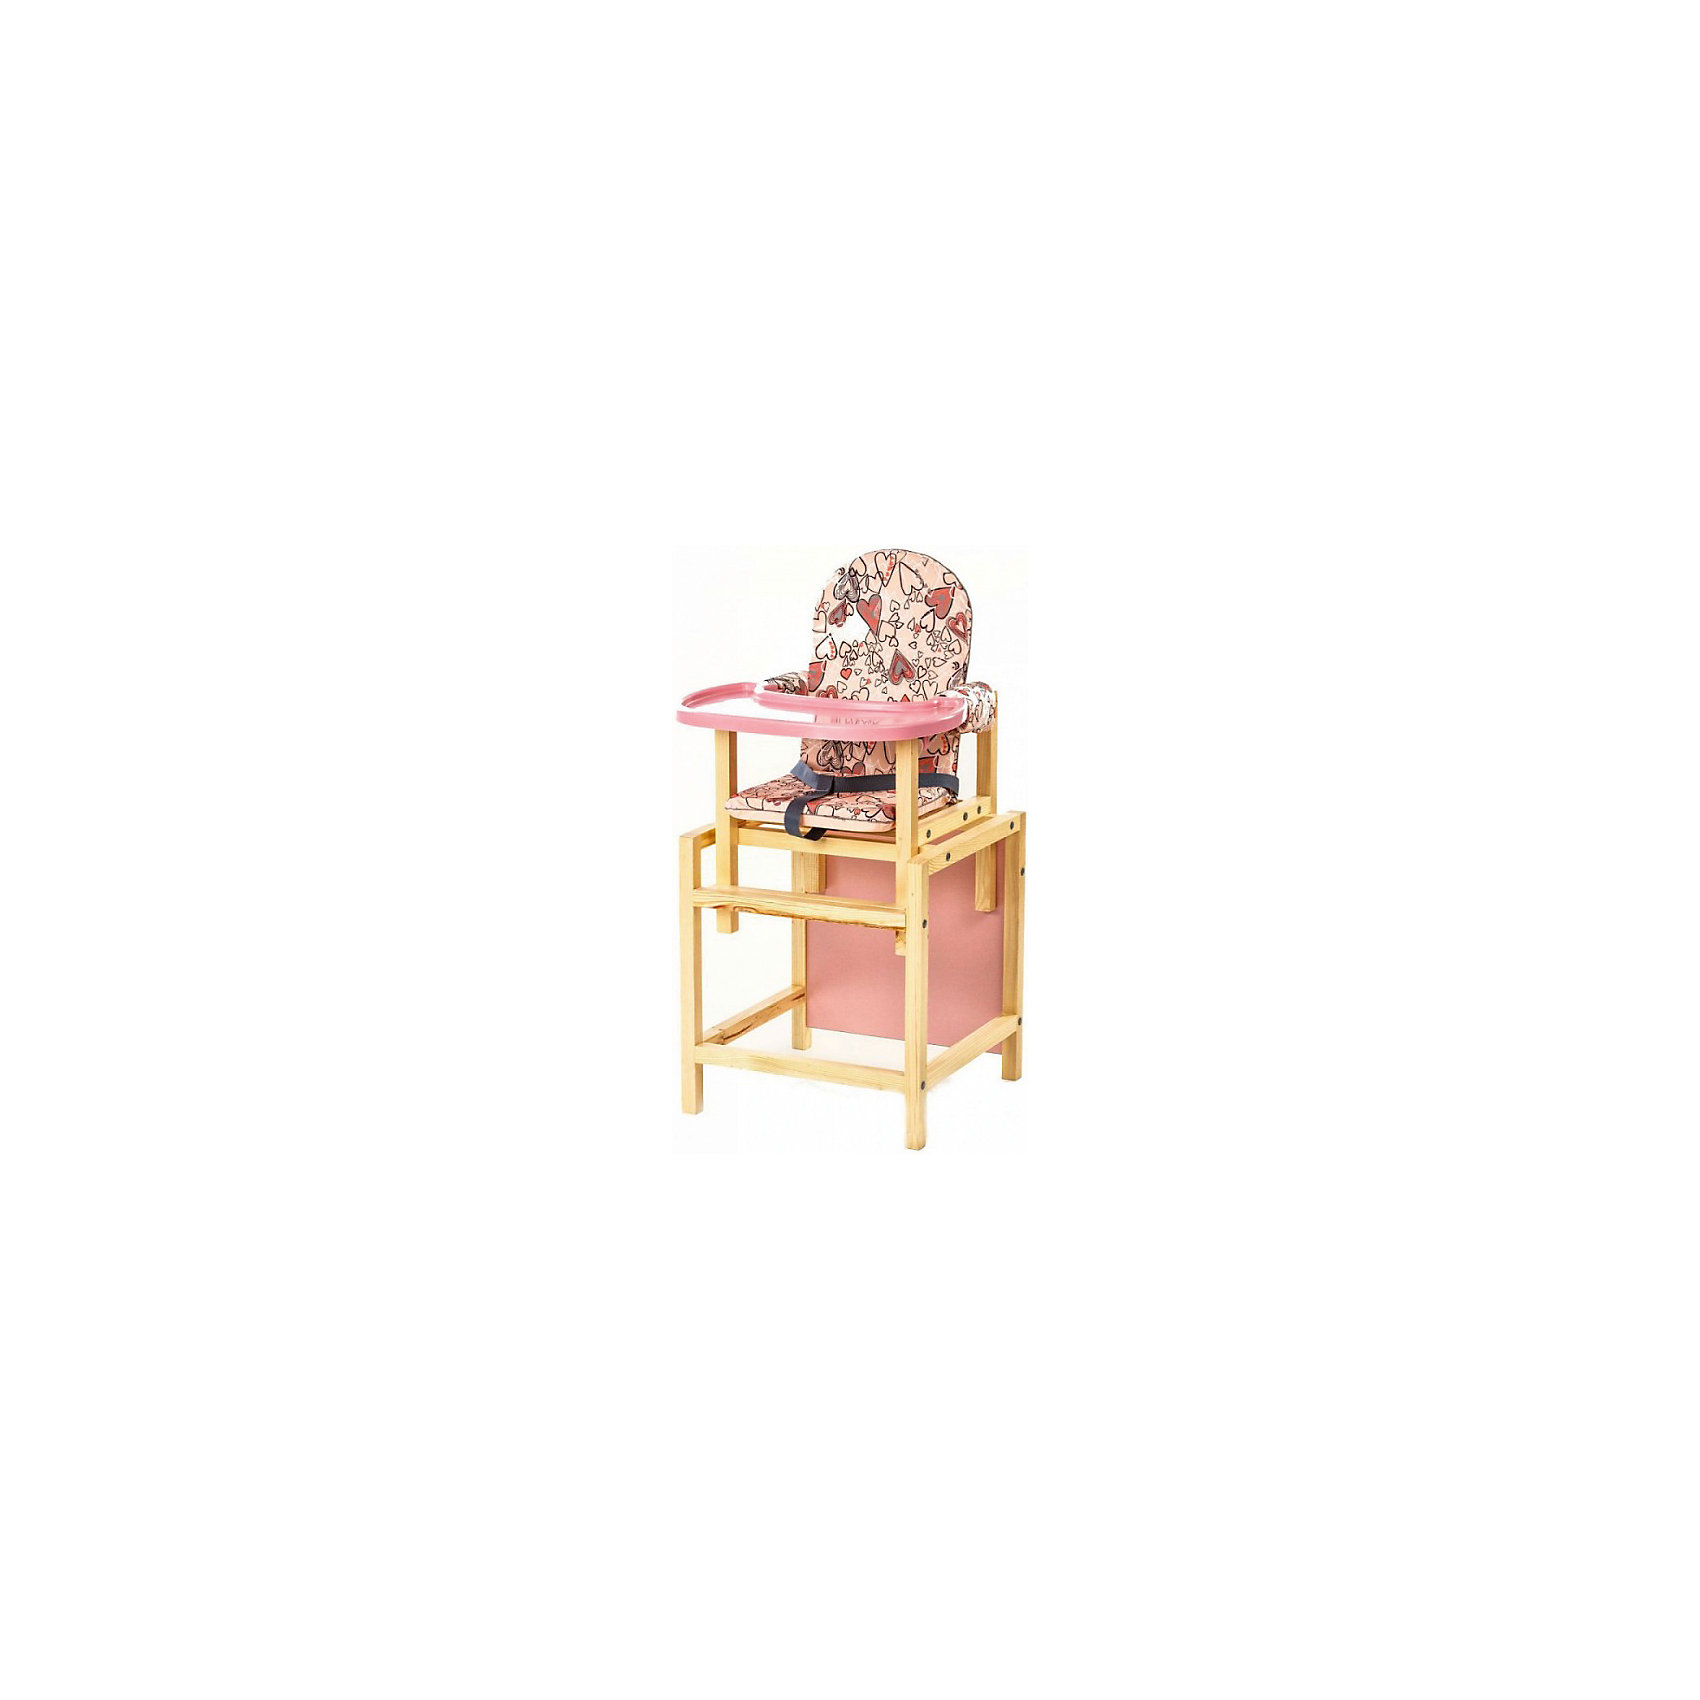 Стульчик-трансформер СТД 07, Вилт, розовый от myToys